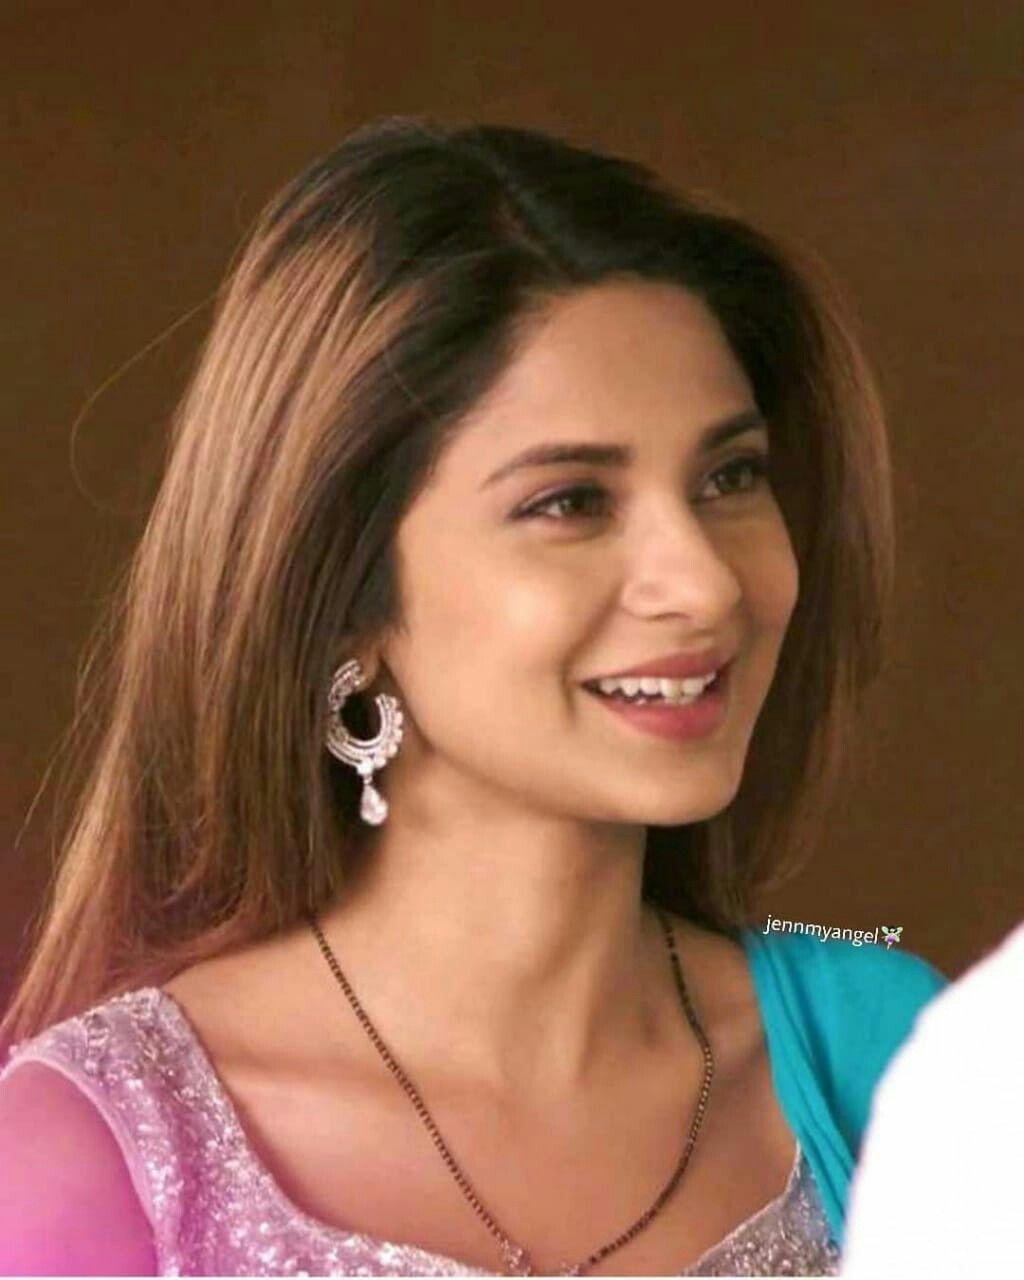 Pin By Khoobsurat Zindagixf On Jenny Most Beautiful Indian Actress Jennifer Winget Beautiful Indian Actress